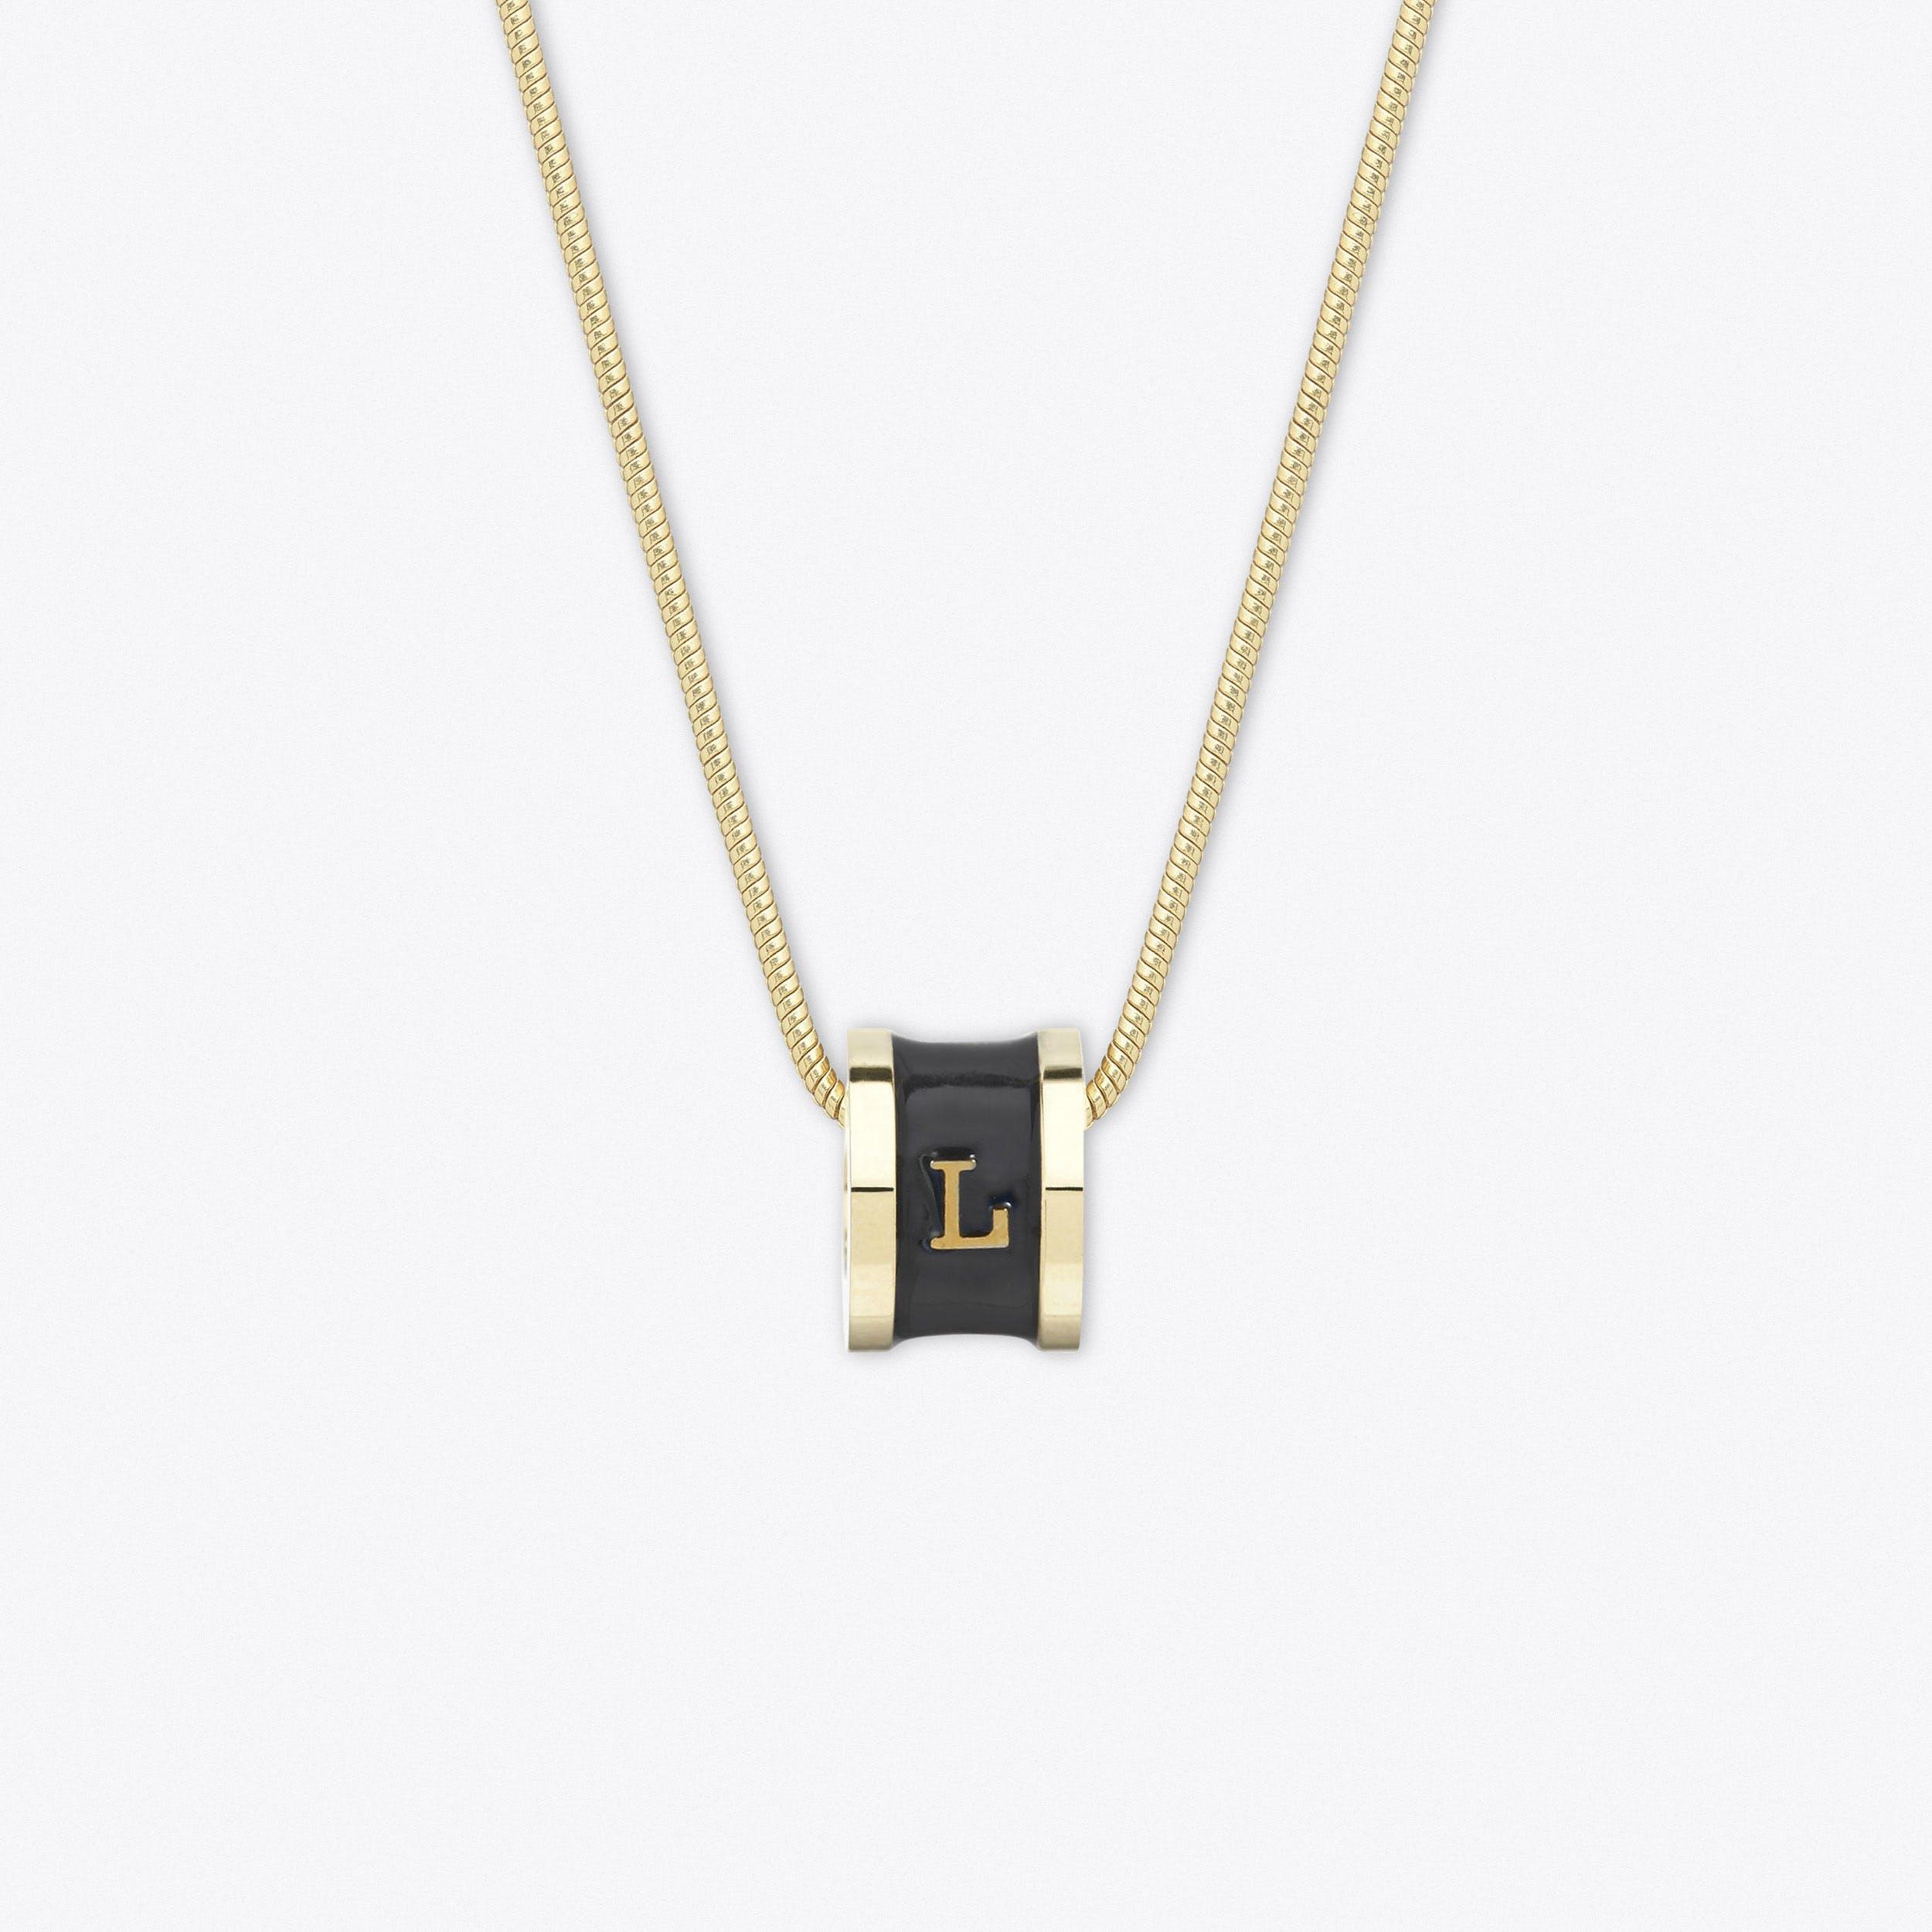 24ct Necklace L